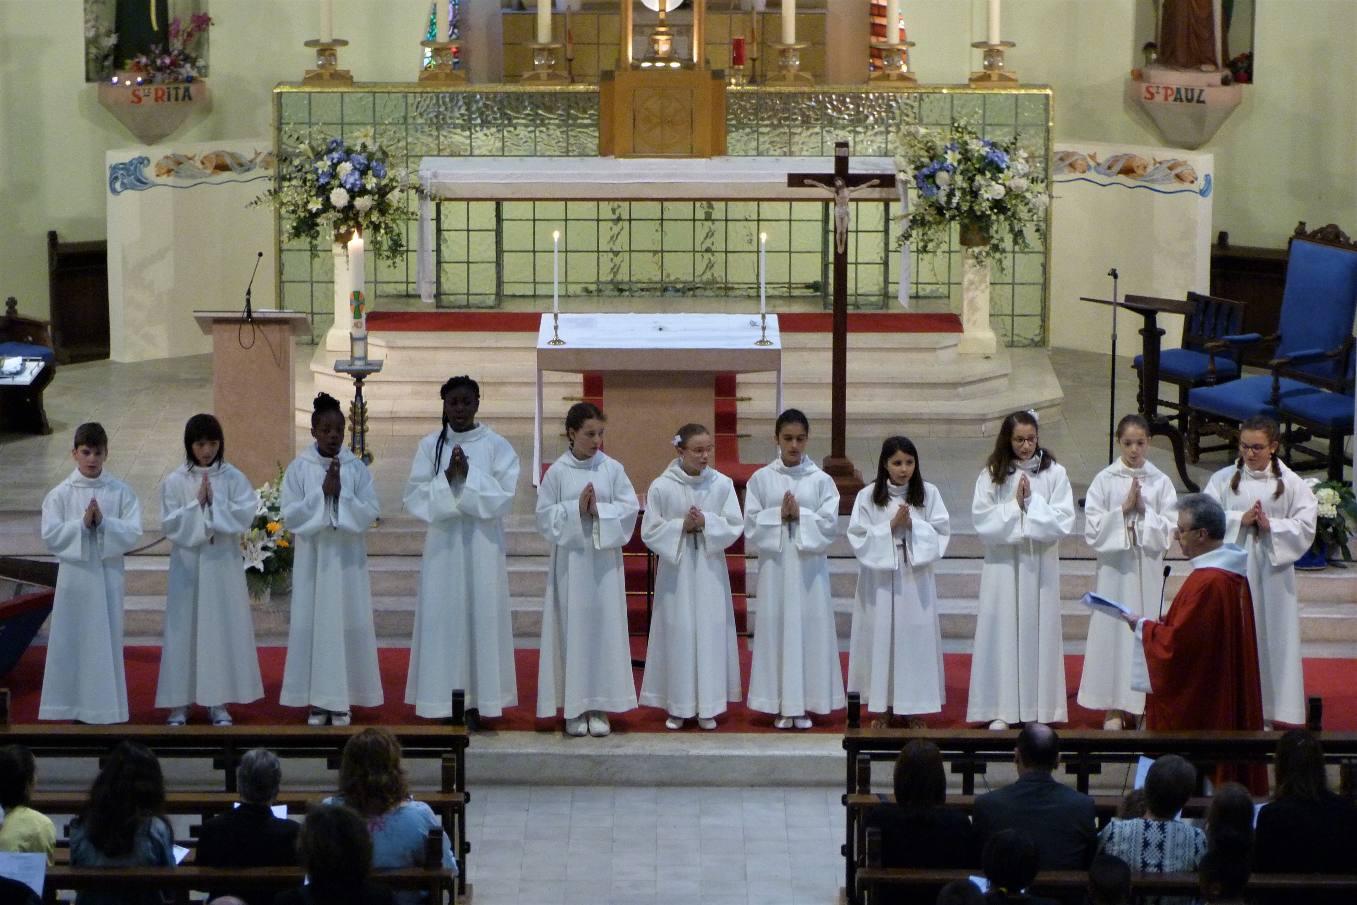 Le vêtement blanc, la Croix ; maintenant, l'abbé les invite à renouveler le signe de l'eau de leur baptême